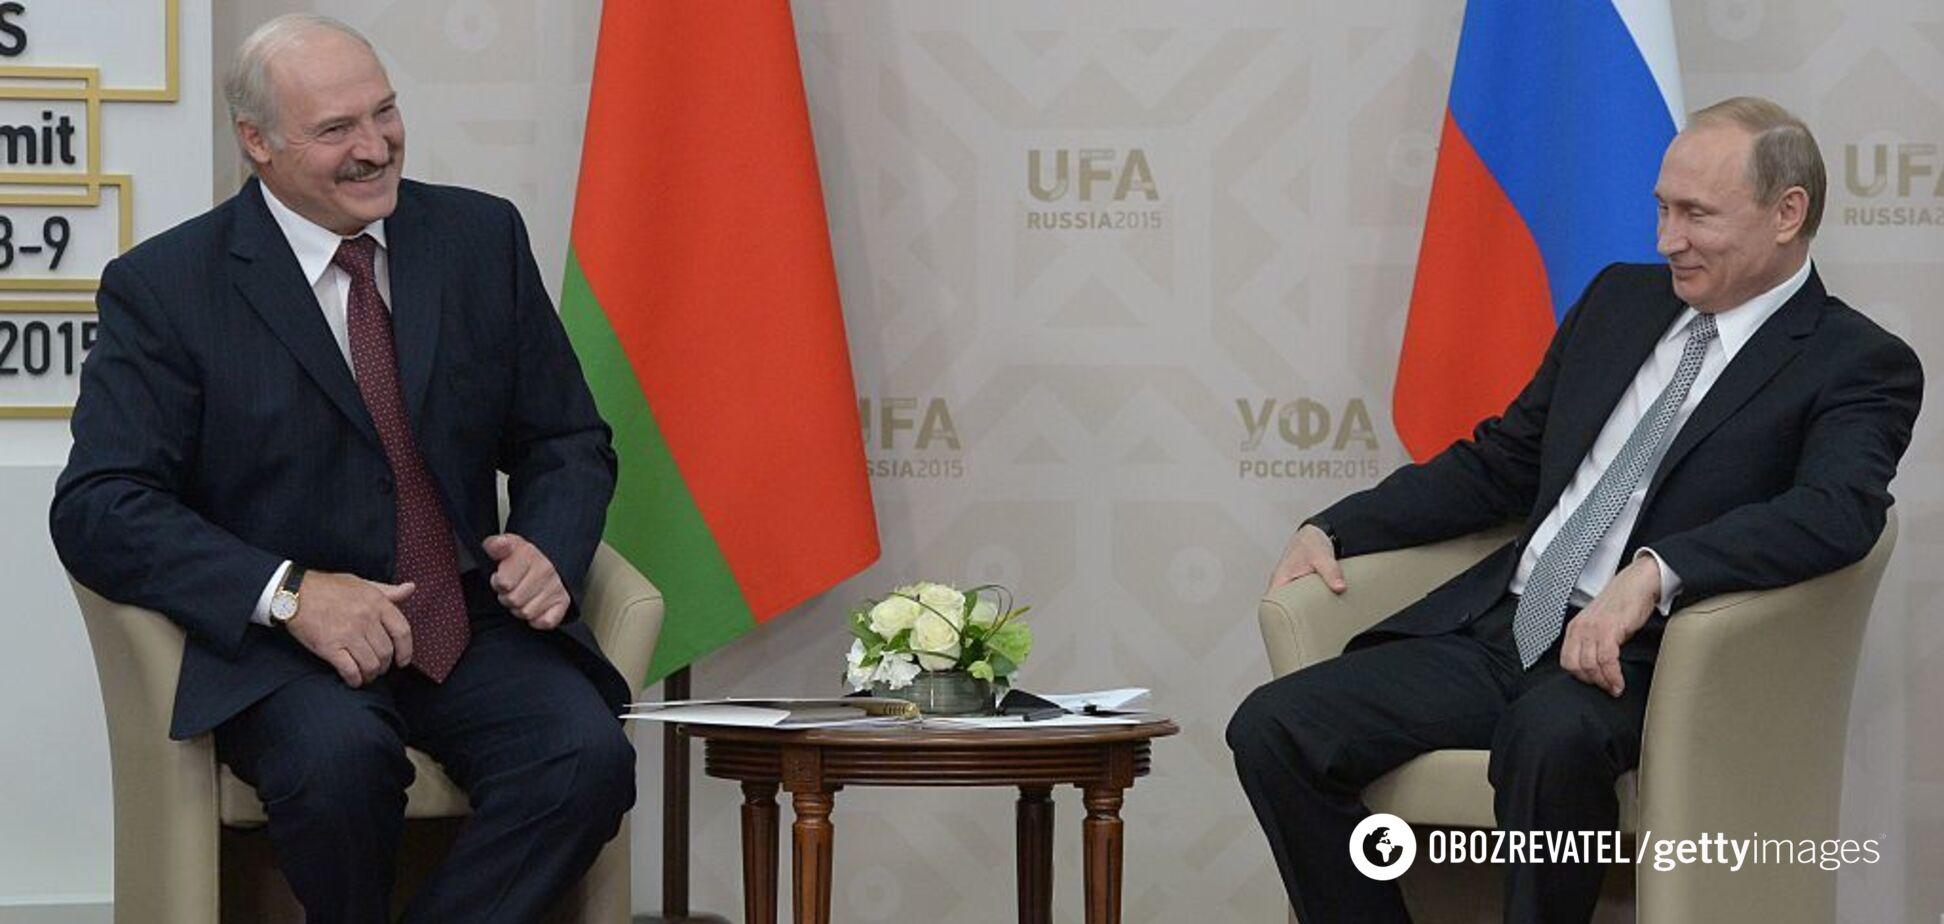 Белорусы реже гостят у родителей, чем Лукашенко у Путина